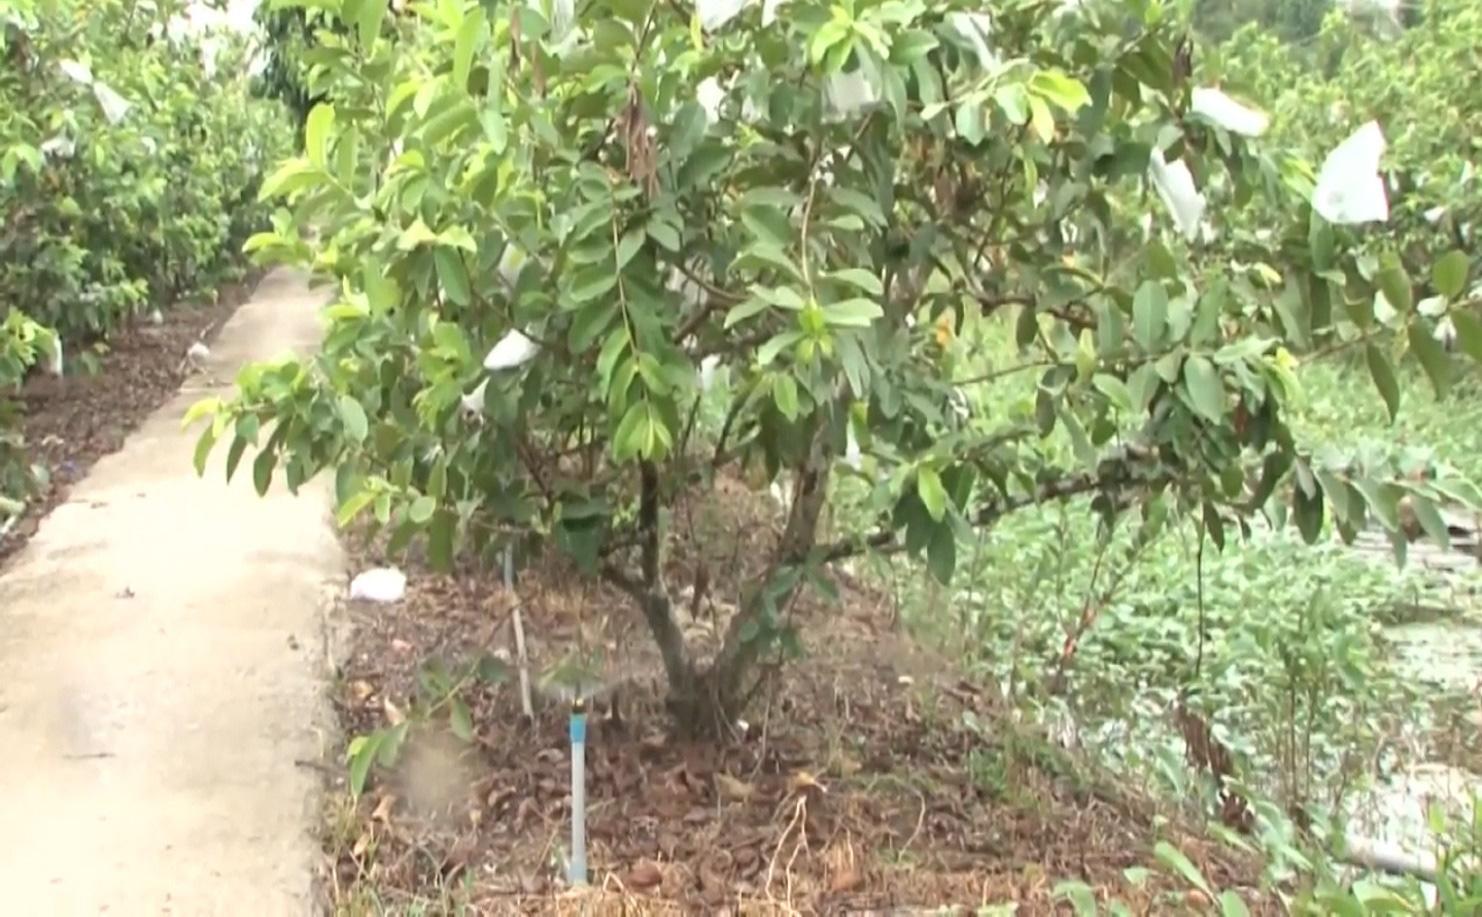 Anh nông dân trồng ổi theo quy trình VietGAP, vườn ổi ngày nào cũng sai trái hơn, đầu ra cũng ngày càng thuận lợi - Ảnh 8.